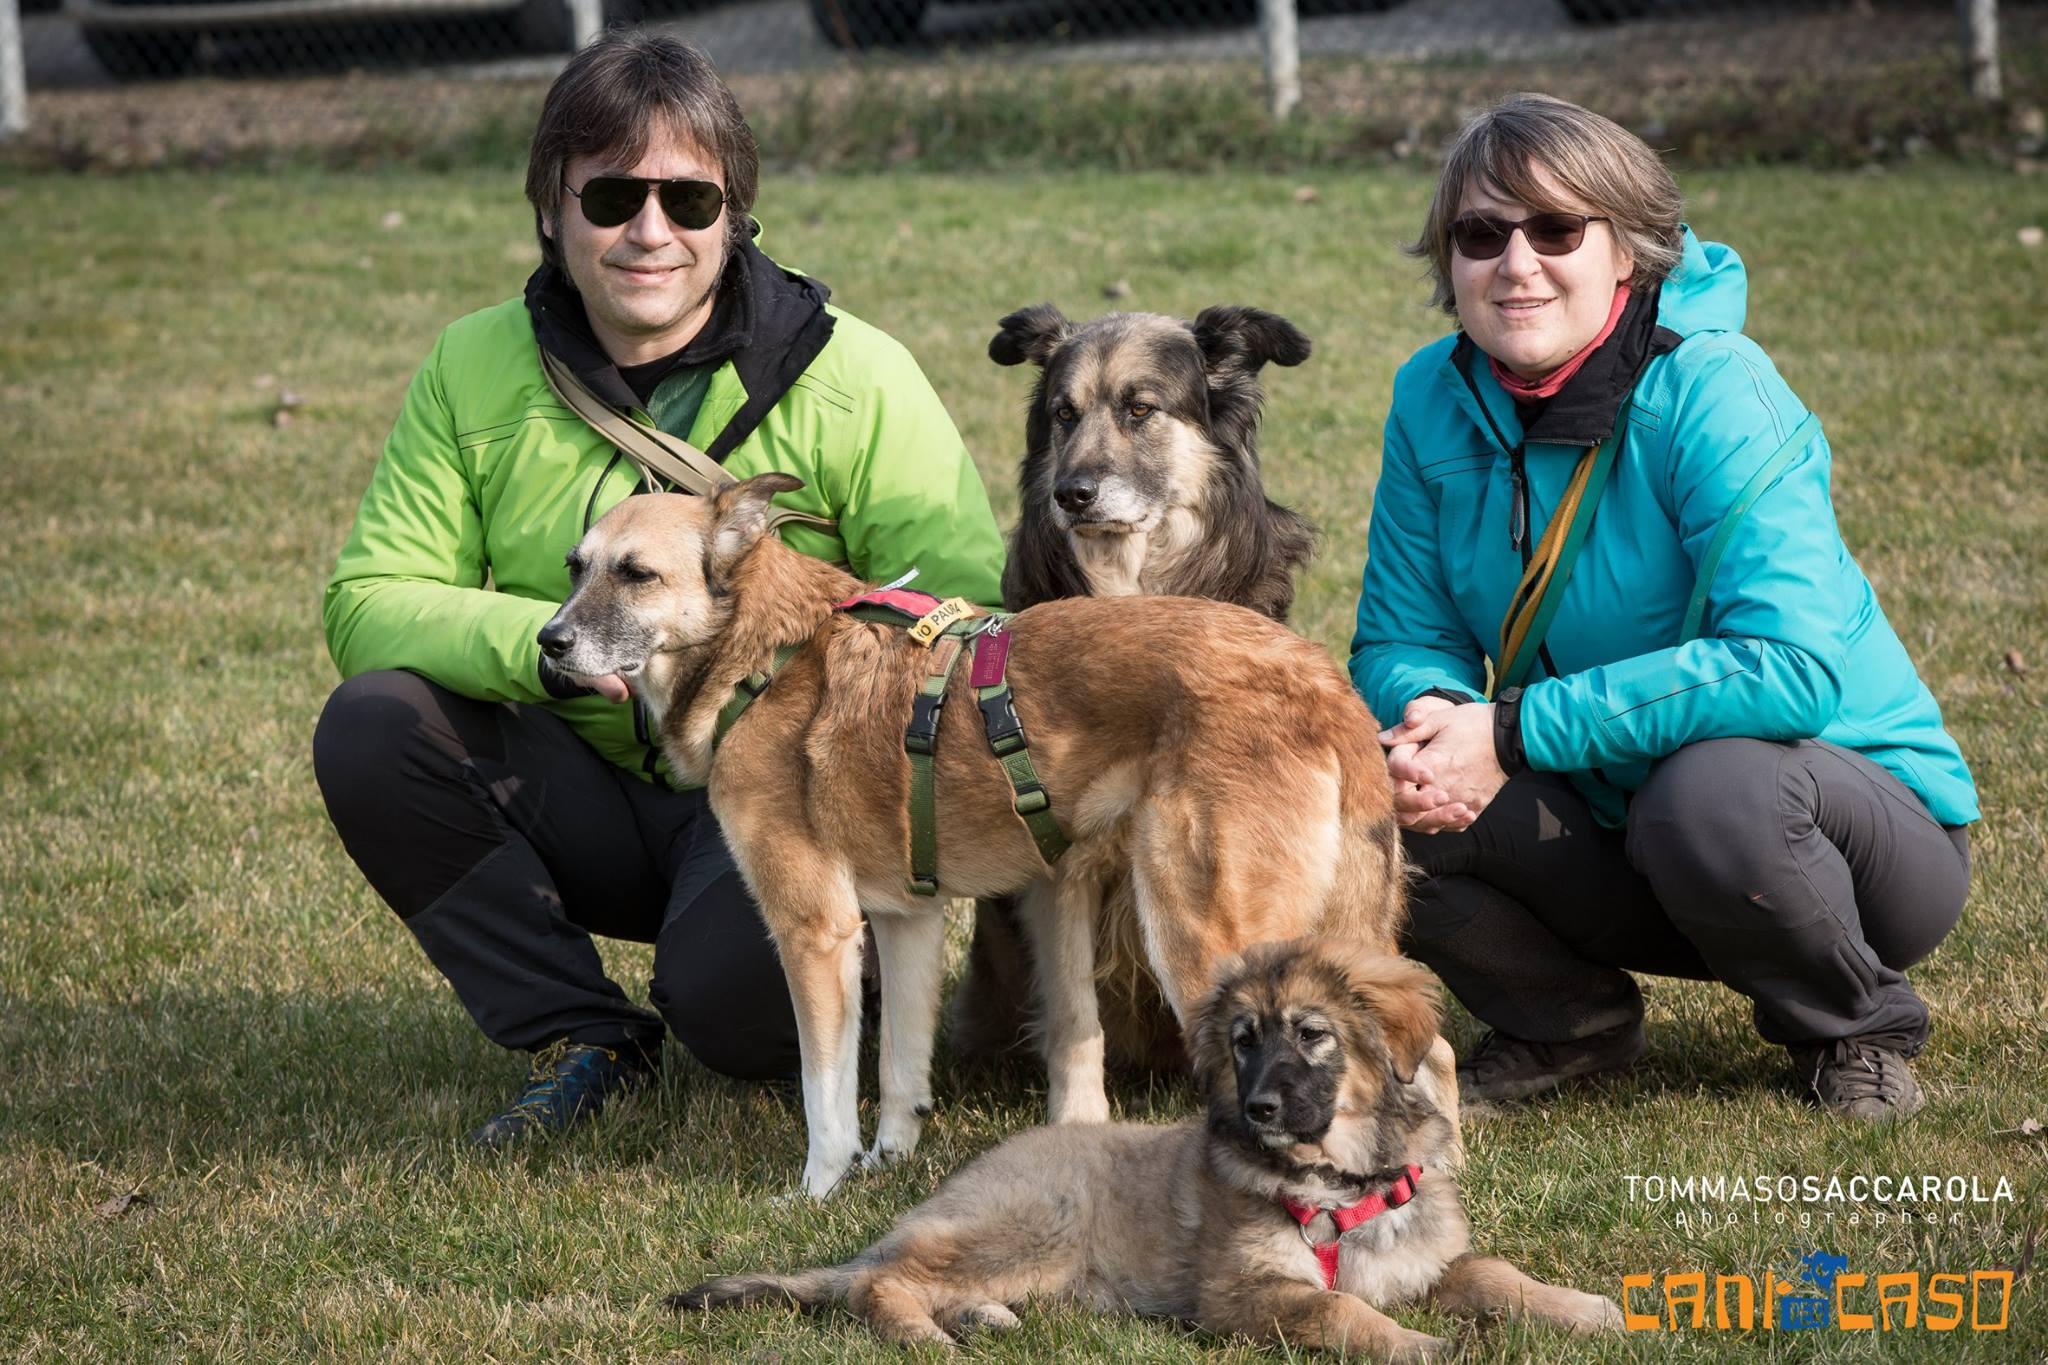 Foto di gruppo al campo